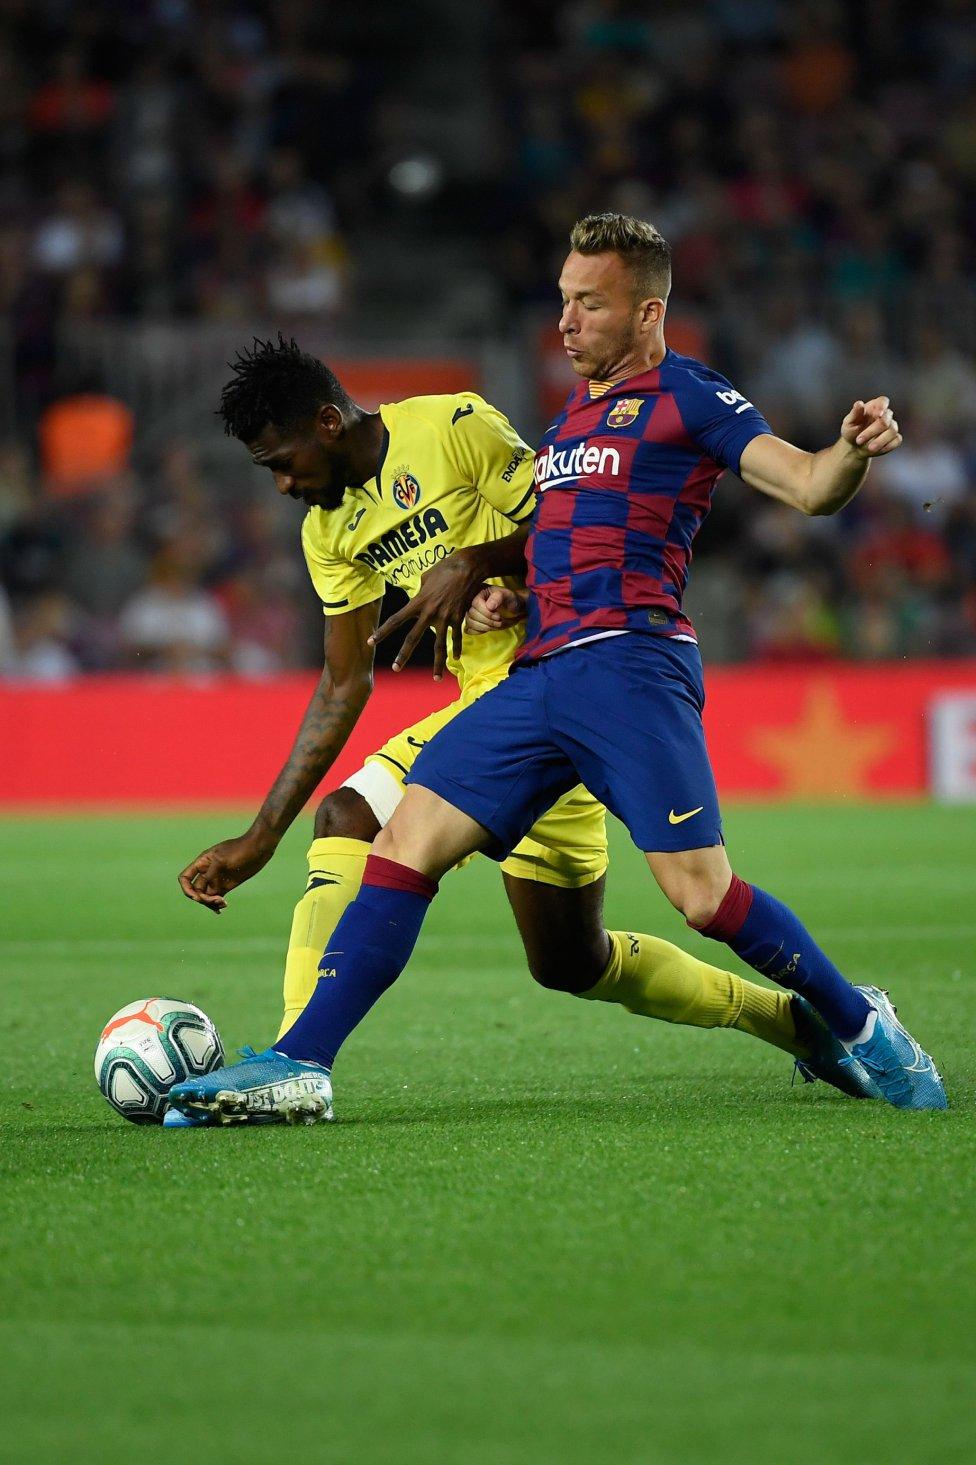 صور مباراة : برشلونة - فياريال 2-1 ( 24-09-2019 )  1569352404_626565_1569352865_album_grande